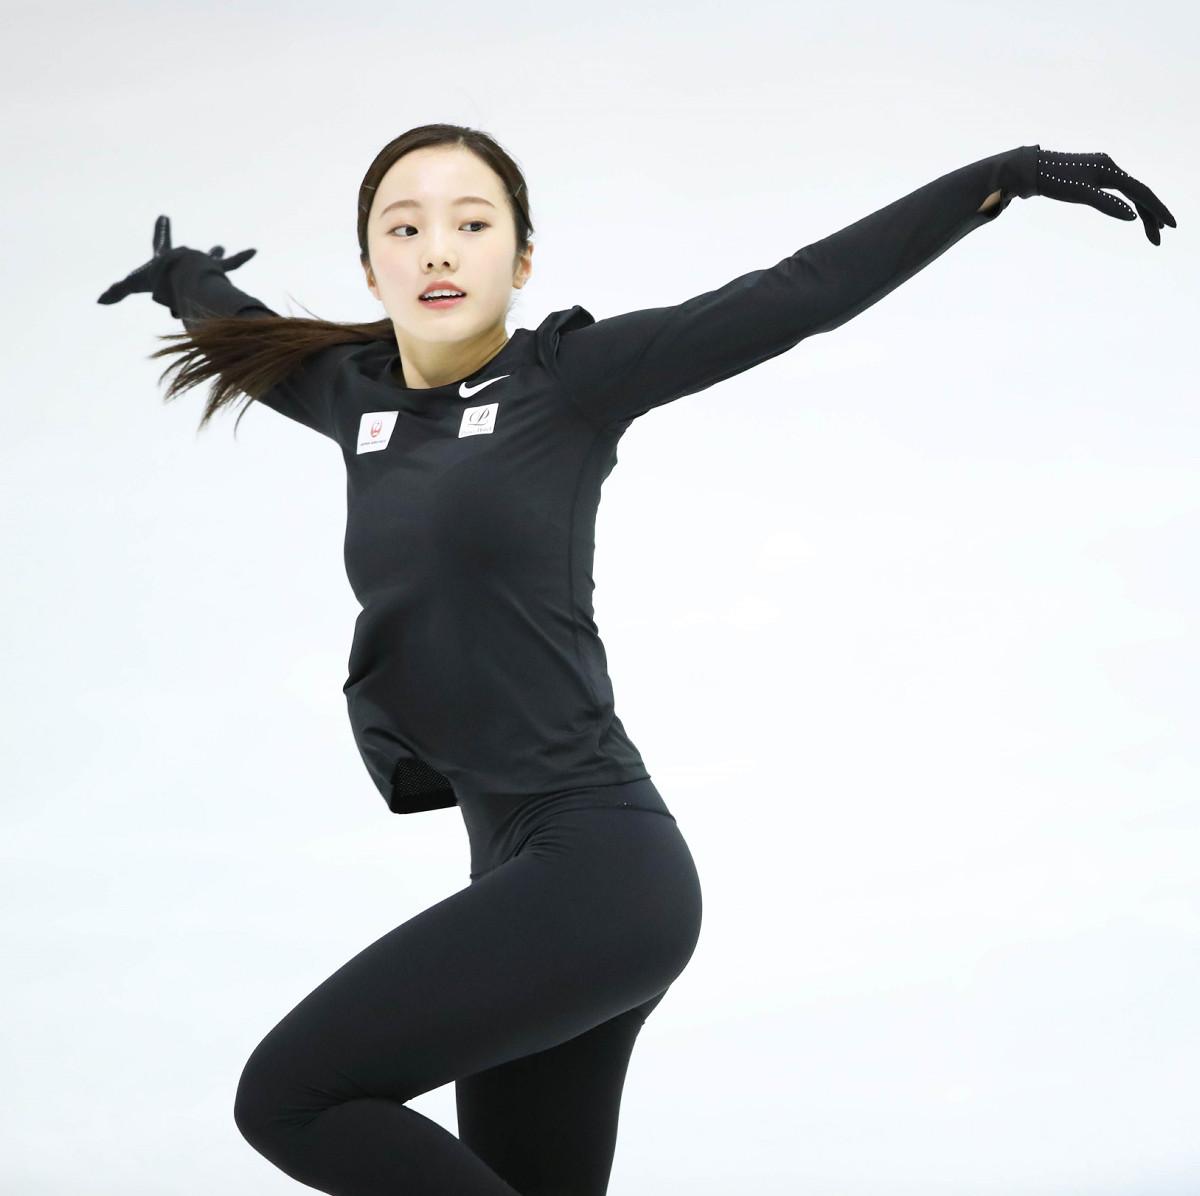 真 コーチ 本田 凜